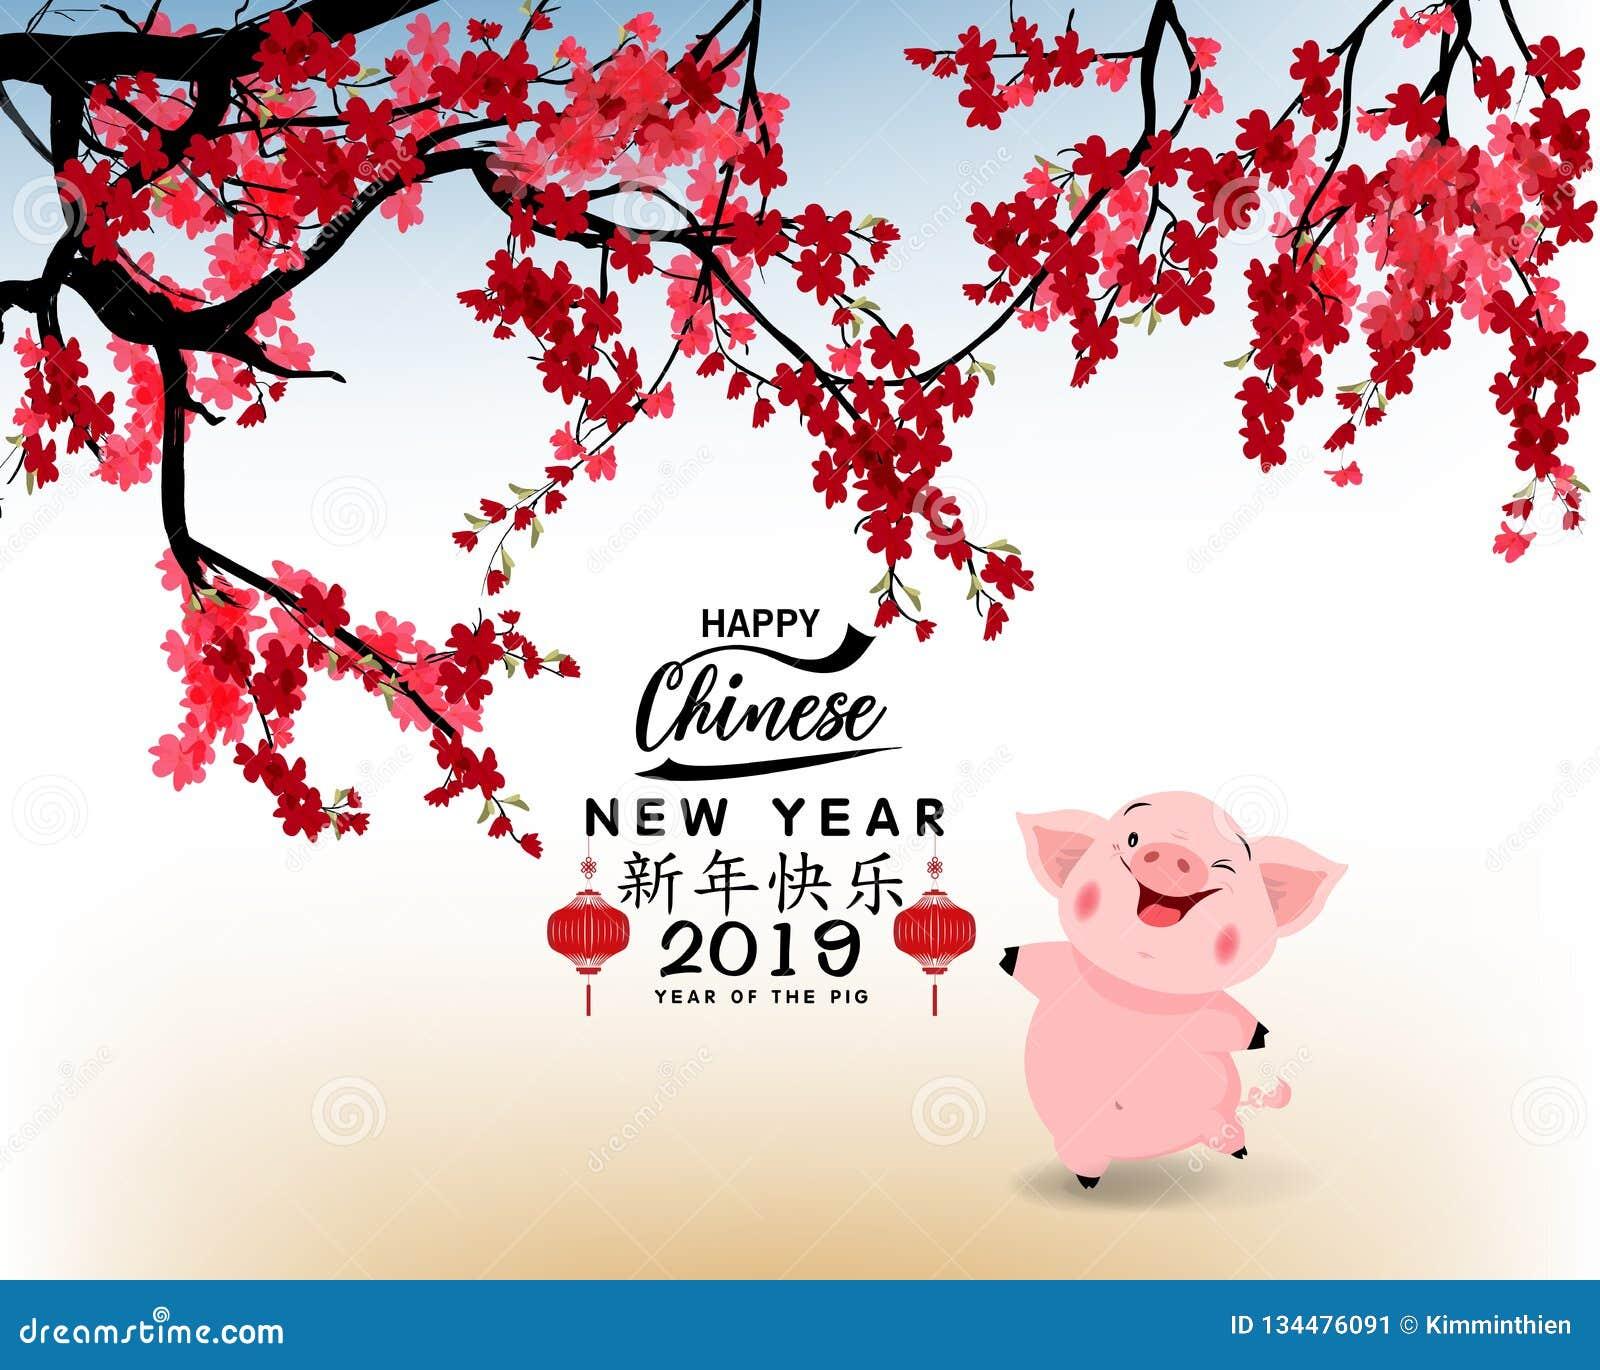 Gelukkig Chinees Nieuwjaar 2019, jaar van het varken maan nieuw jaar De Chinese karakters bedoelen Gelukkig Nieuwjaar